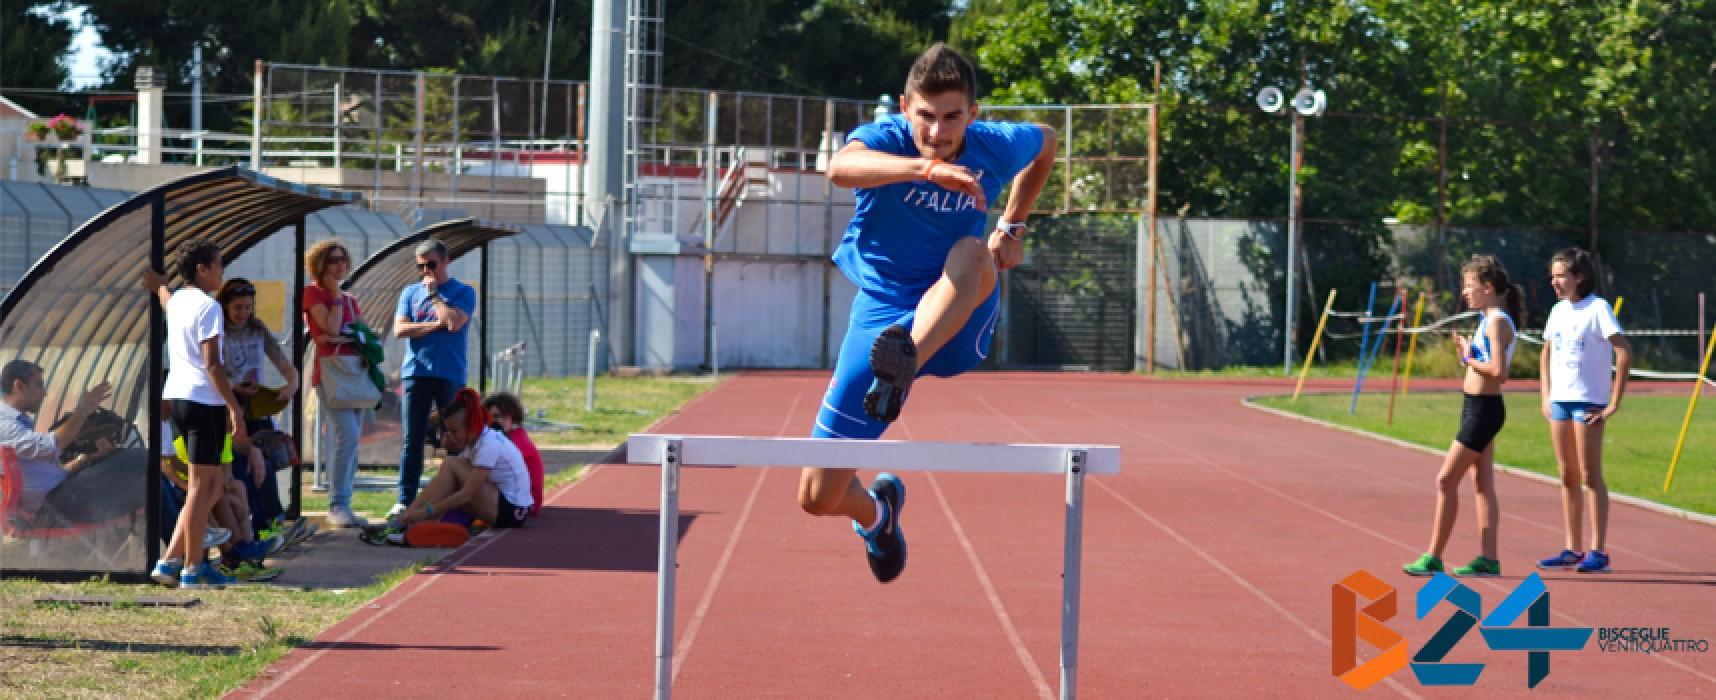 Assoluti atletica leggera, Haliti prova a tornare grande, Musci centra la finale